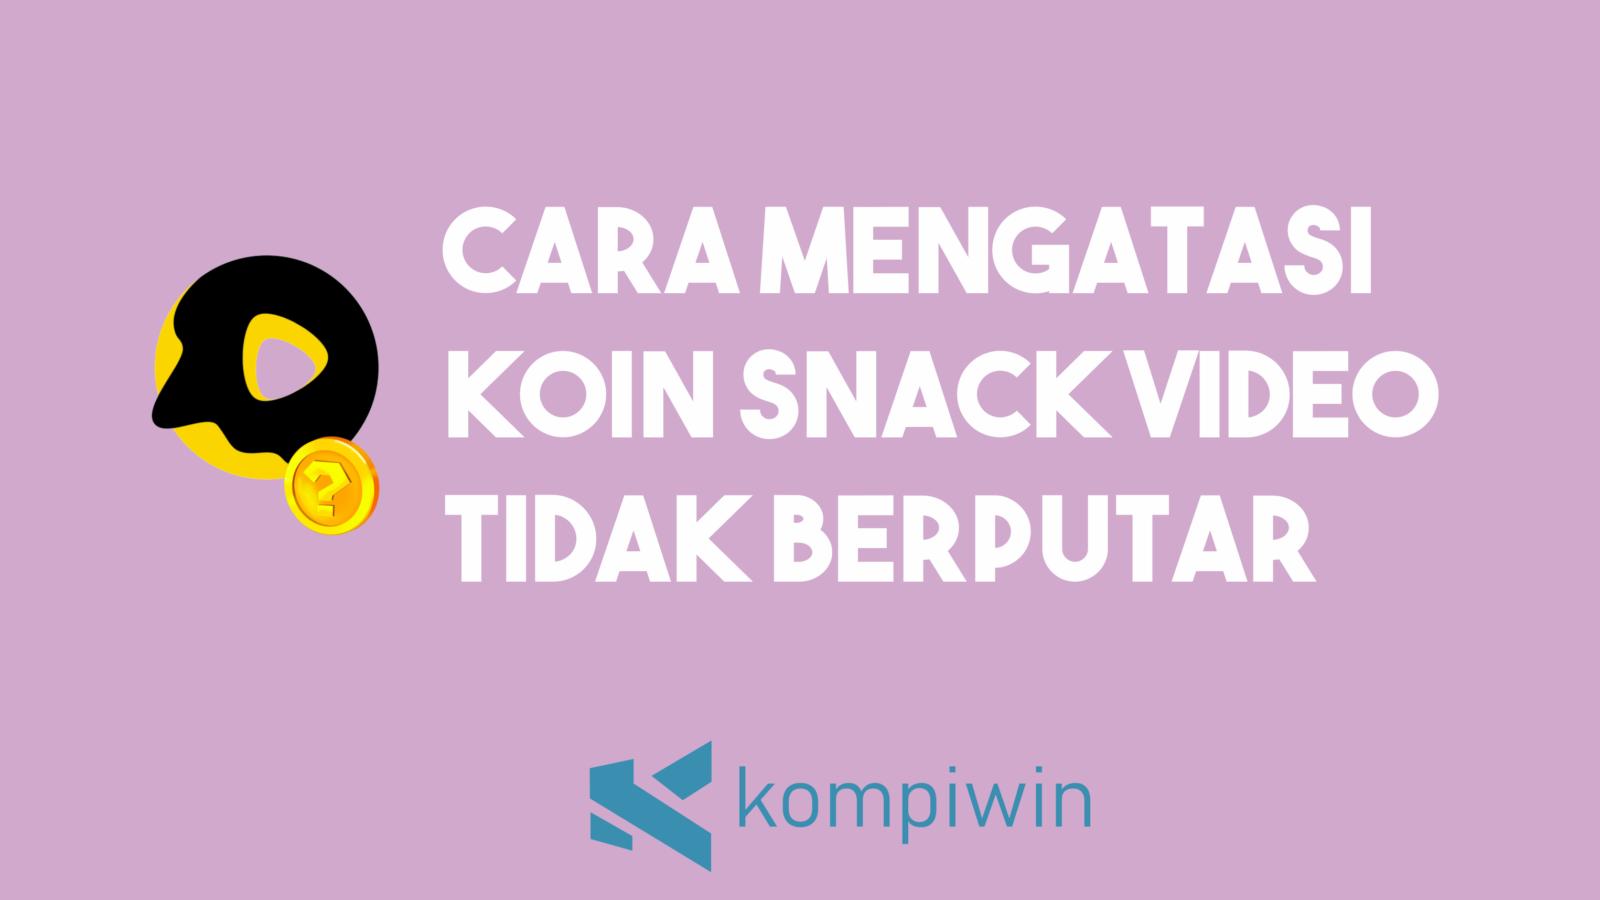 Cara Mengatasi Koin Snack Video Tidak Berputar 4